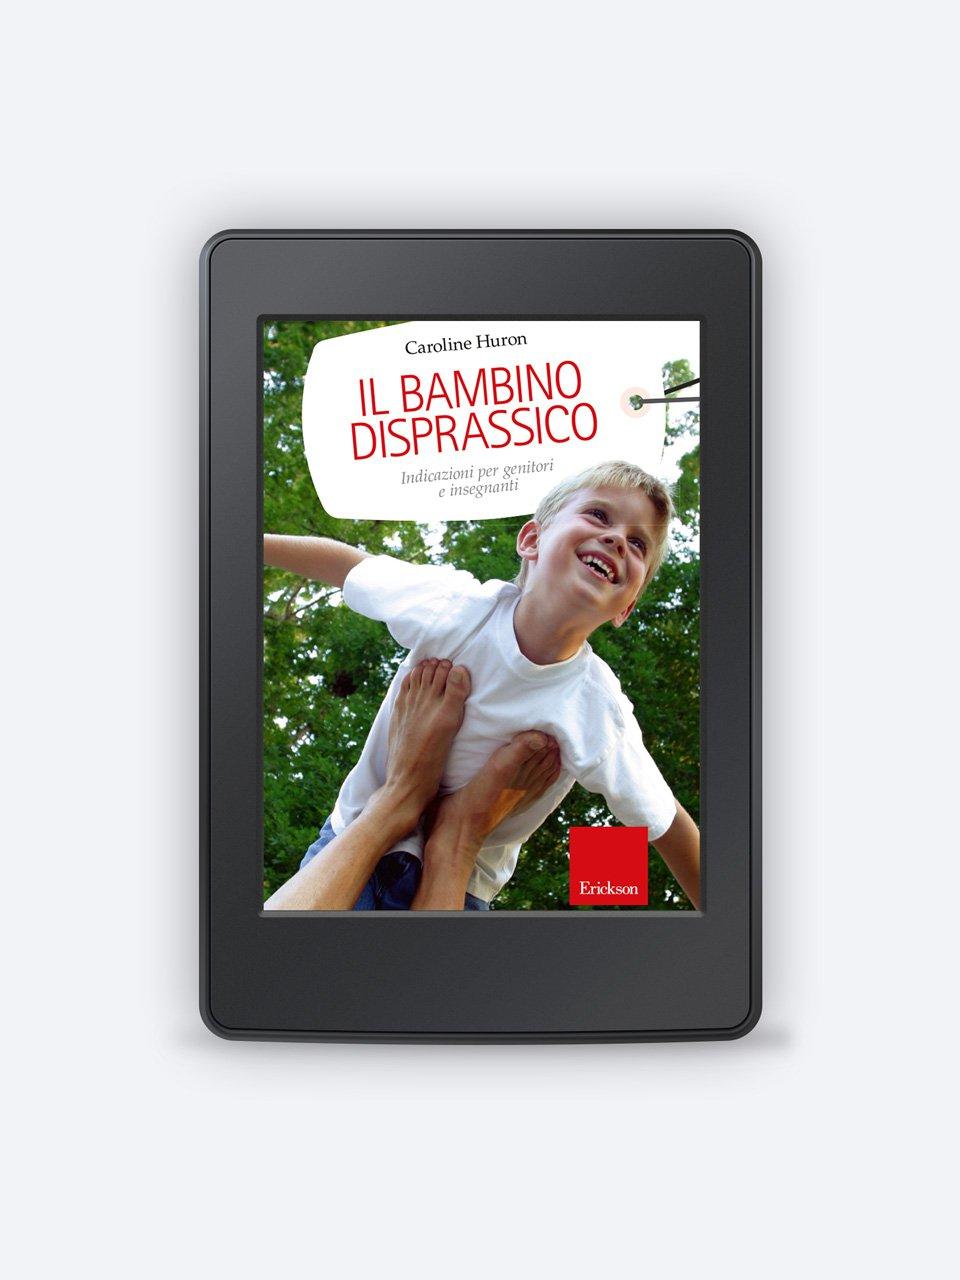 Il bambino disprassico - TAP-D - Test delle Abilità Prassiche nella Disabil - Libri - Erickson